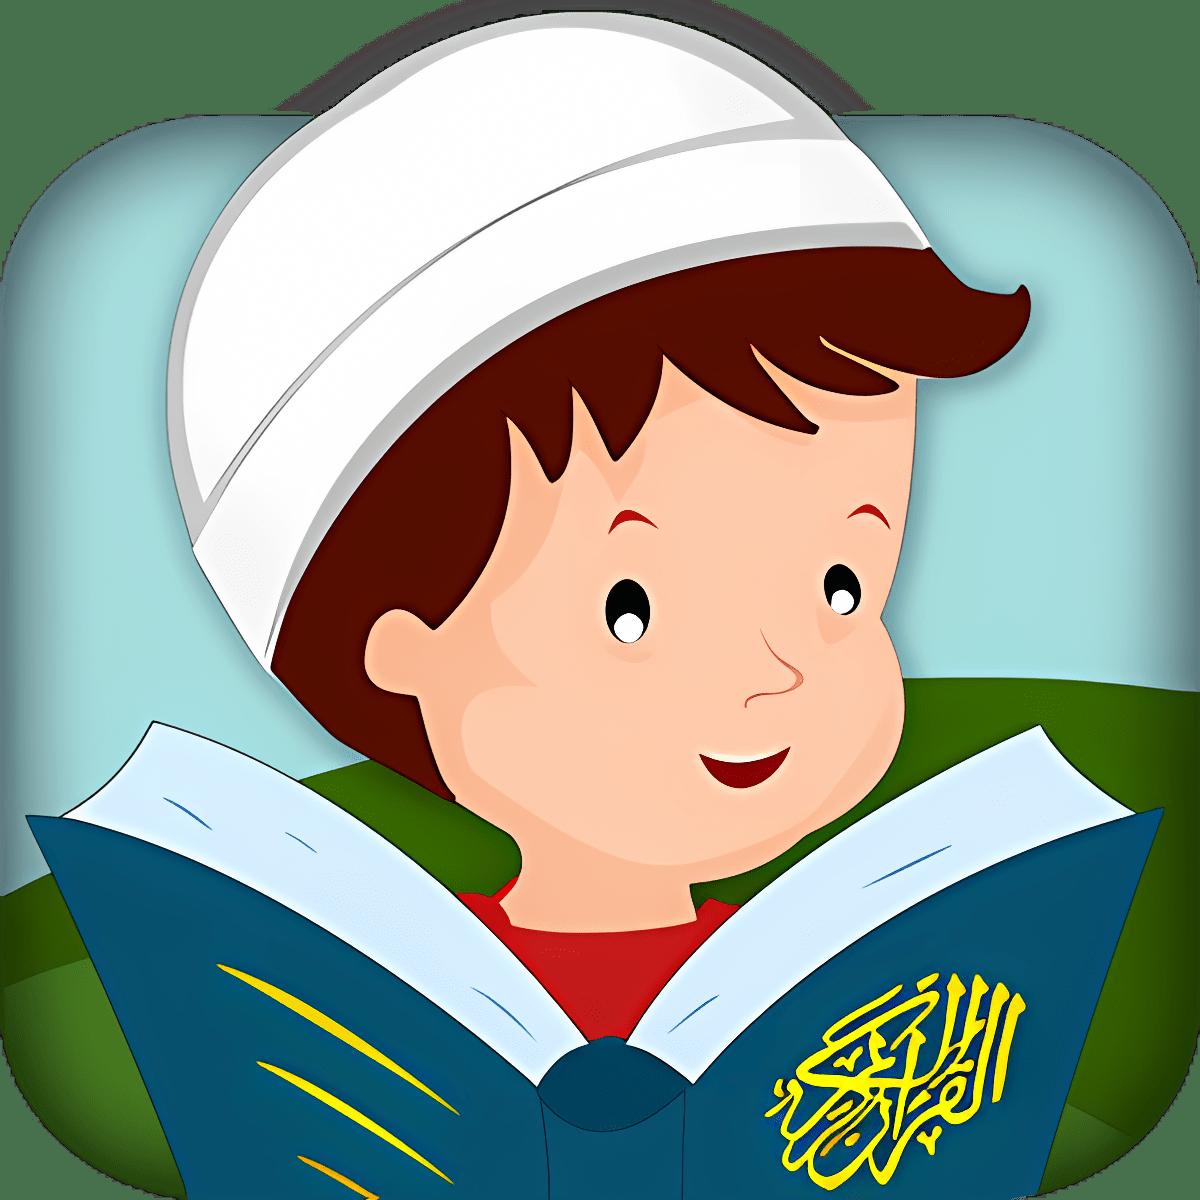 Sura Fatiha y Más suras